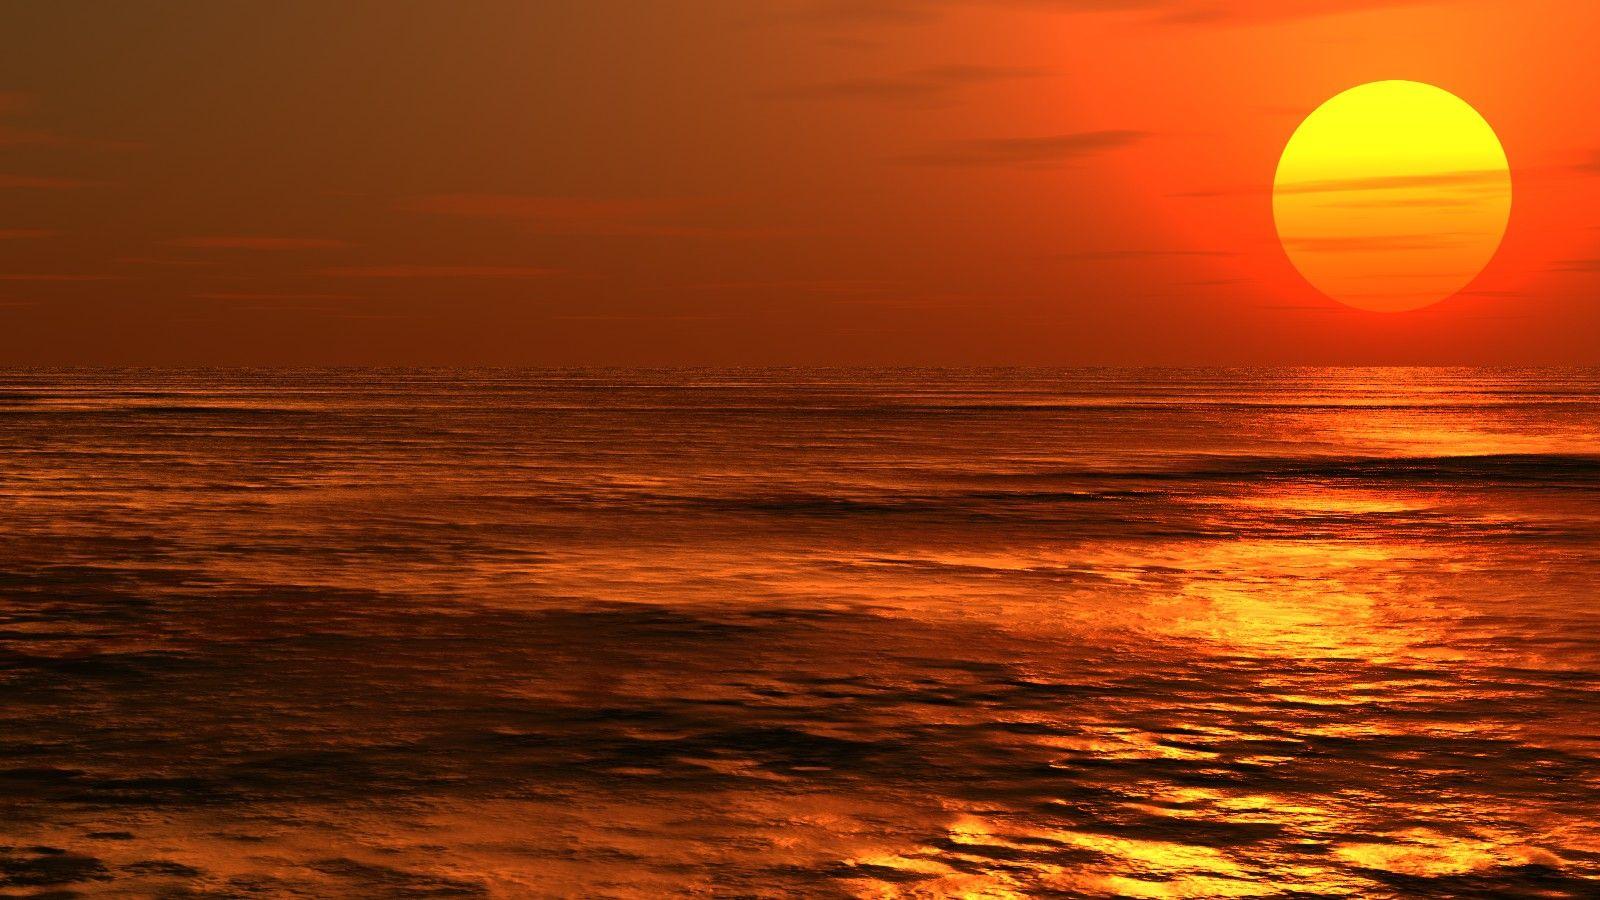 مناظر طبيعية خلابة لغروب الشمس Celestial Outdoor Sunset